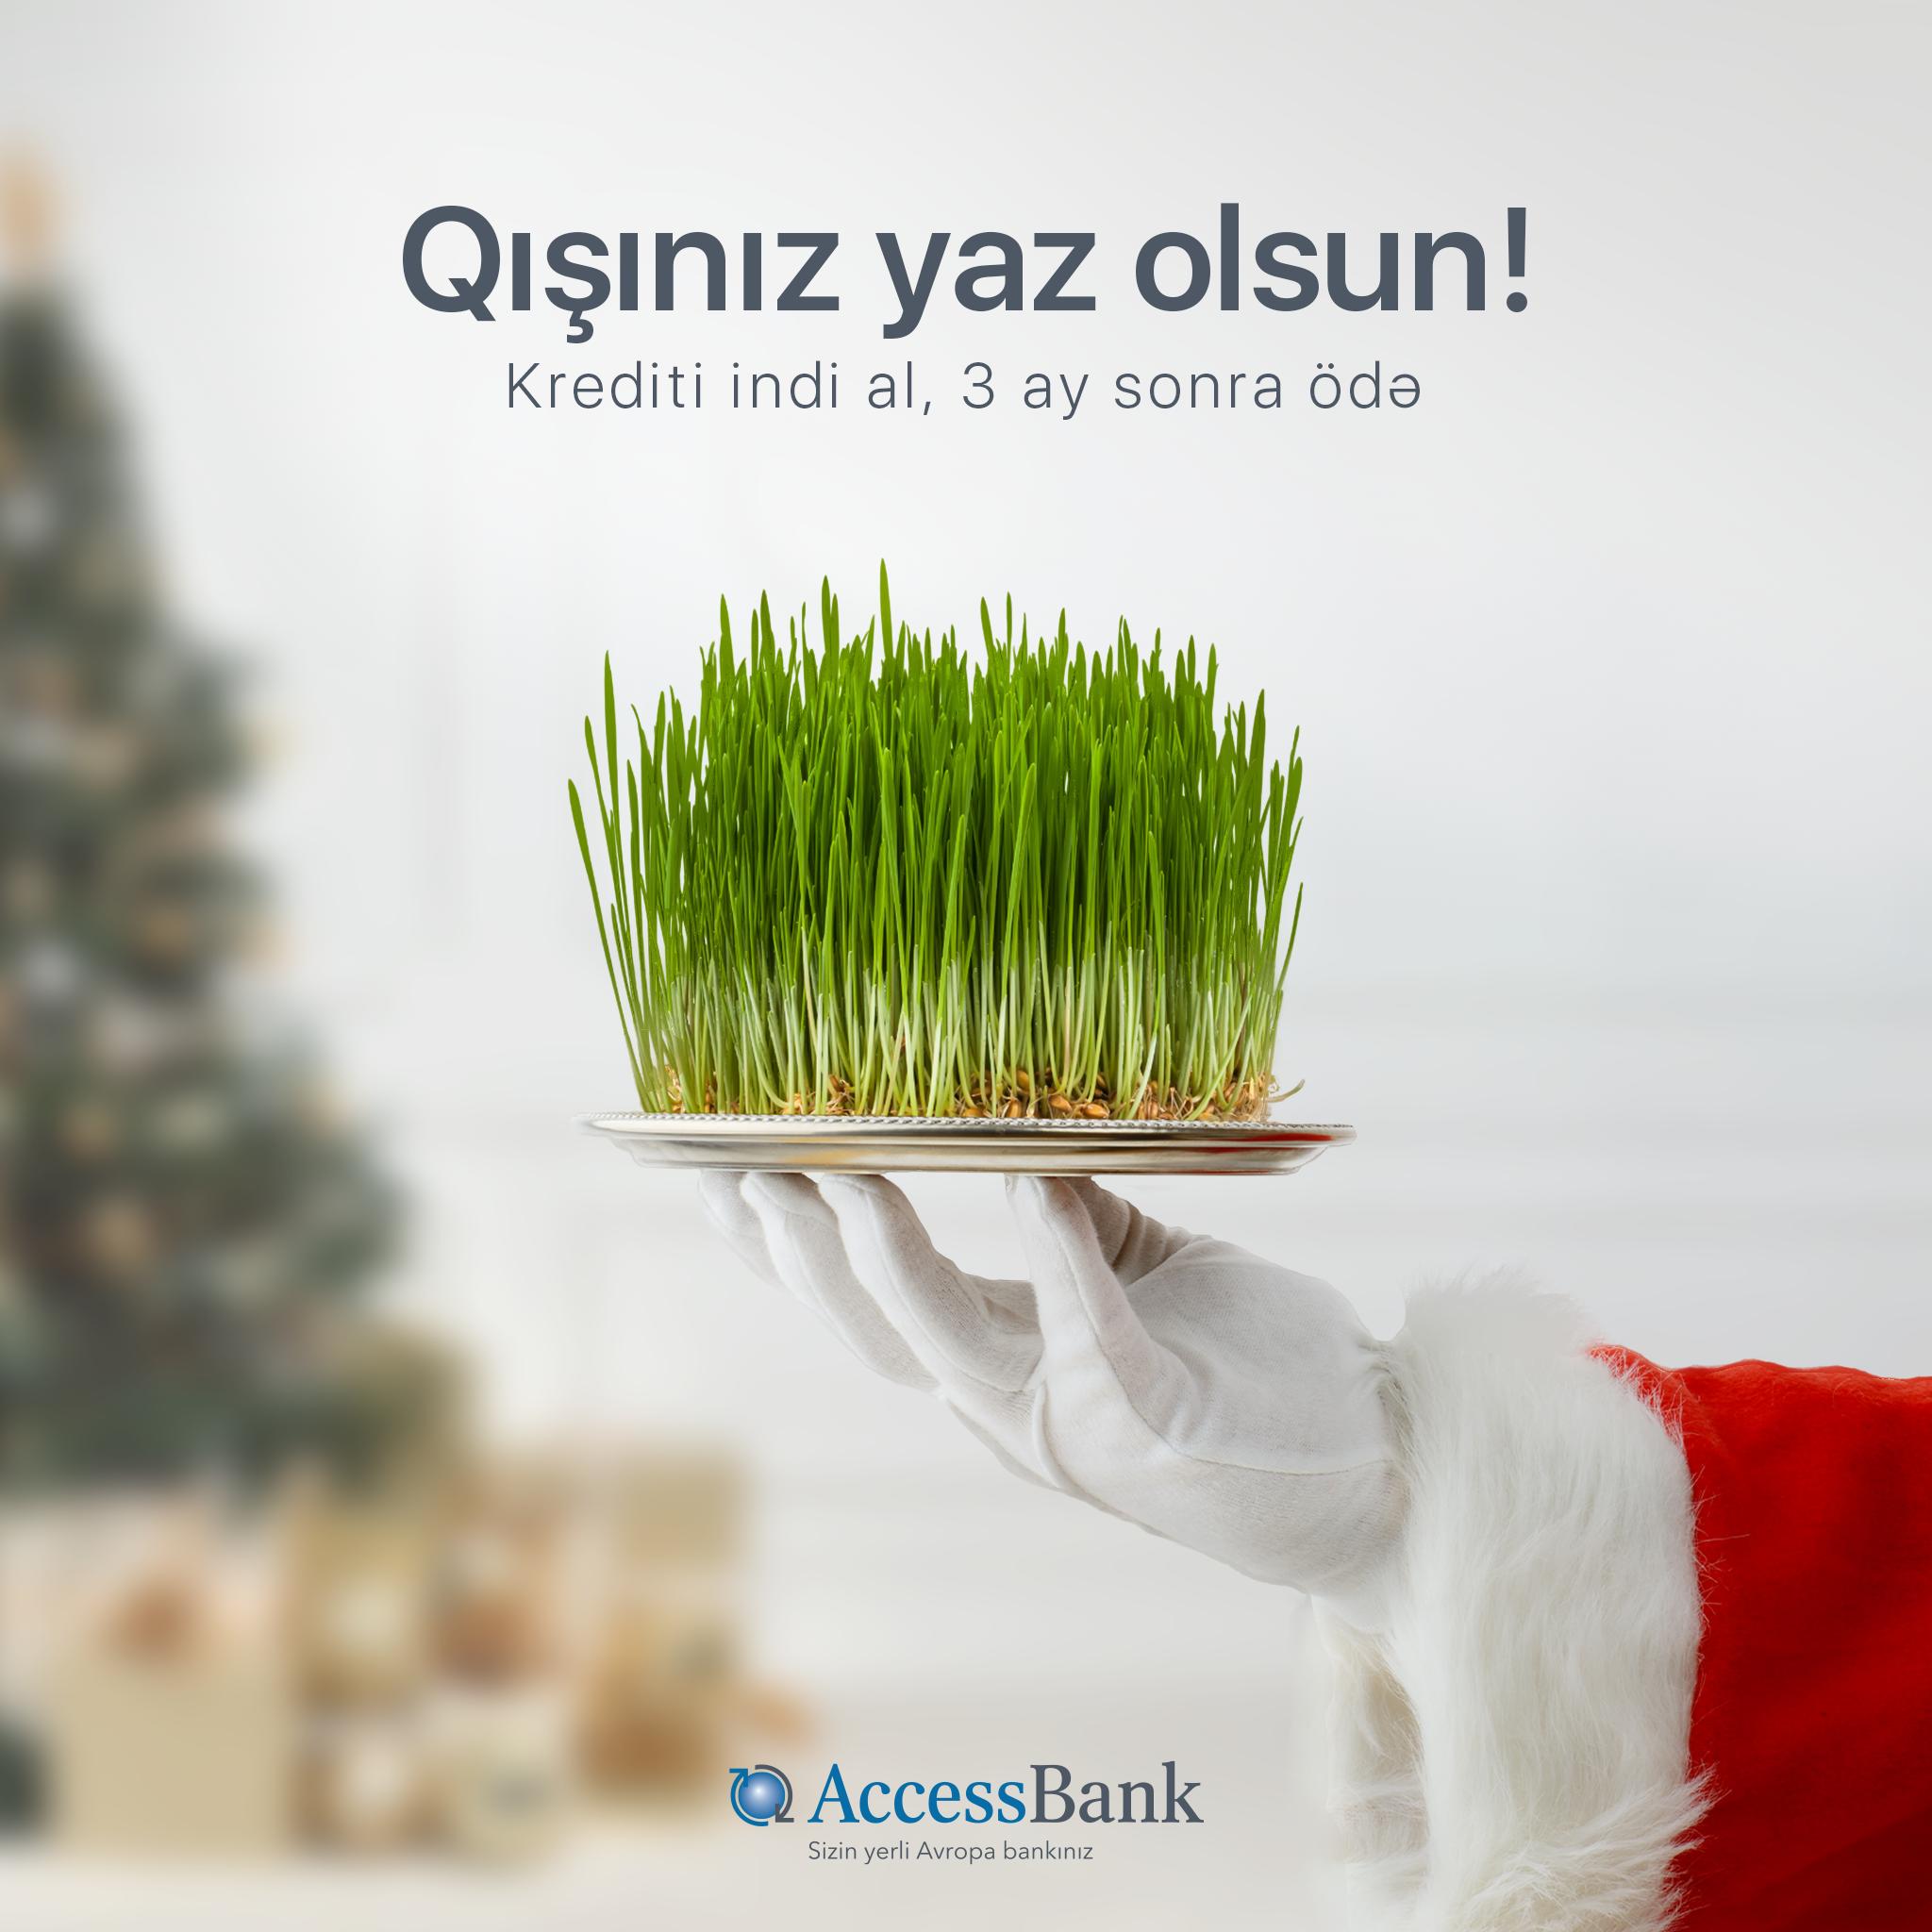 Превратите зиму в весну с AccessBank!